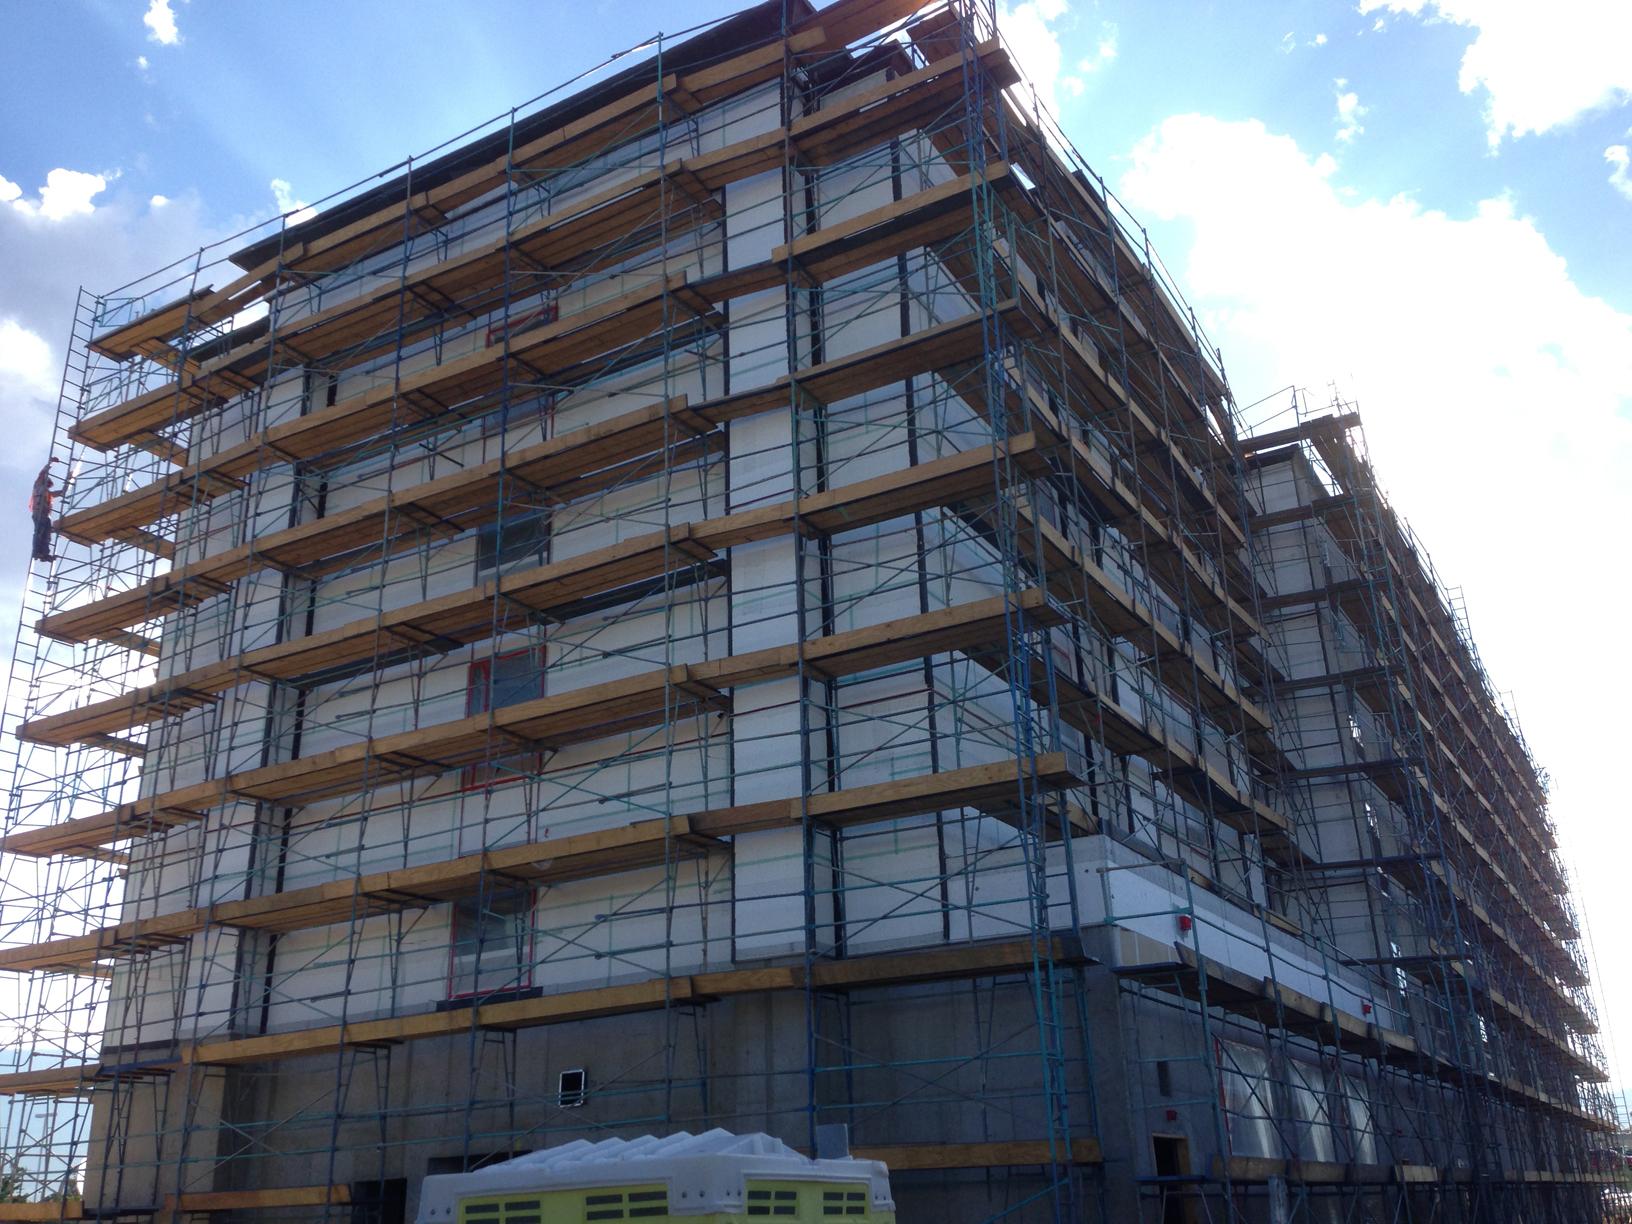 Hampton Inn Amp Suites Albuquerque I 25 North